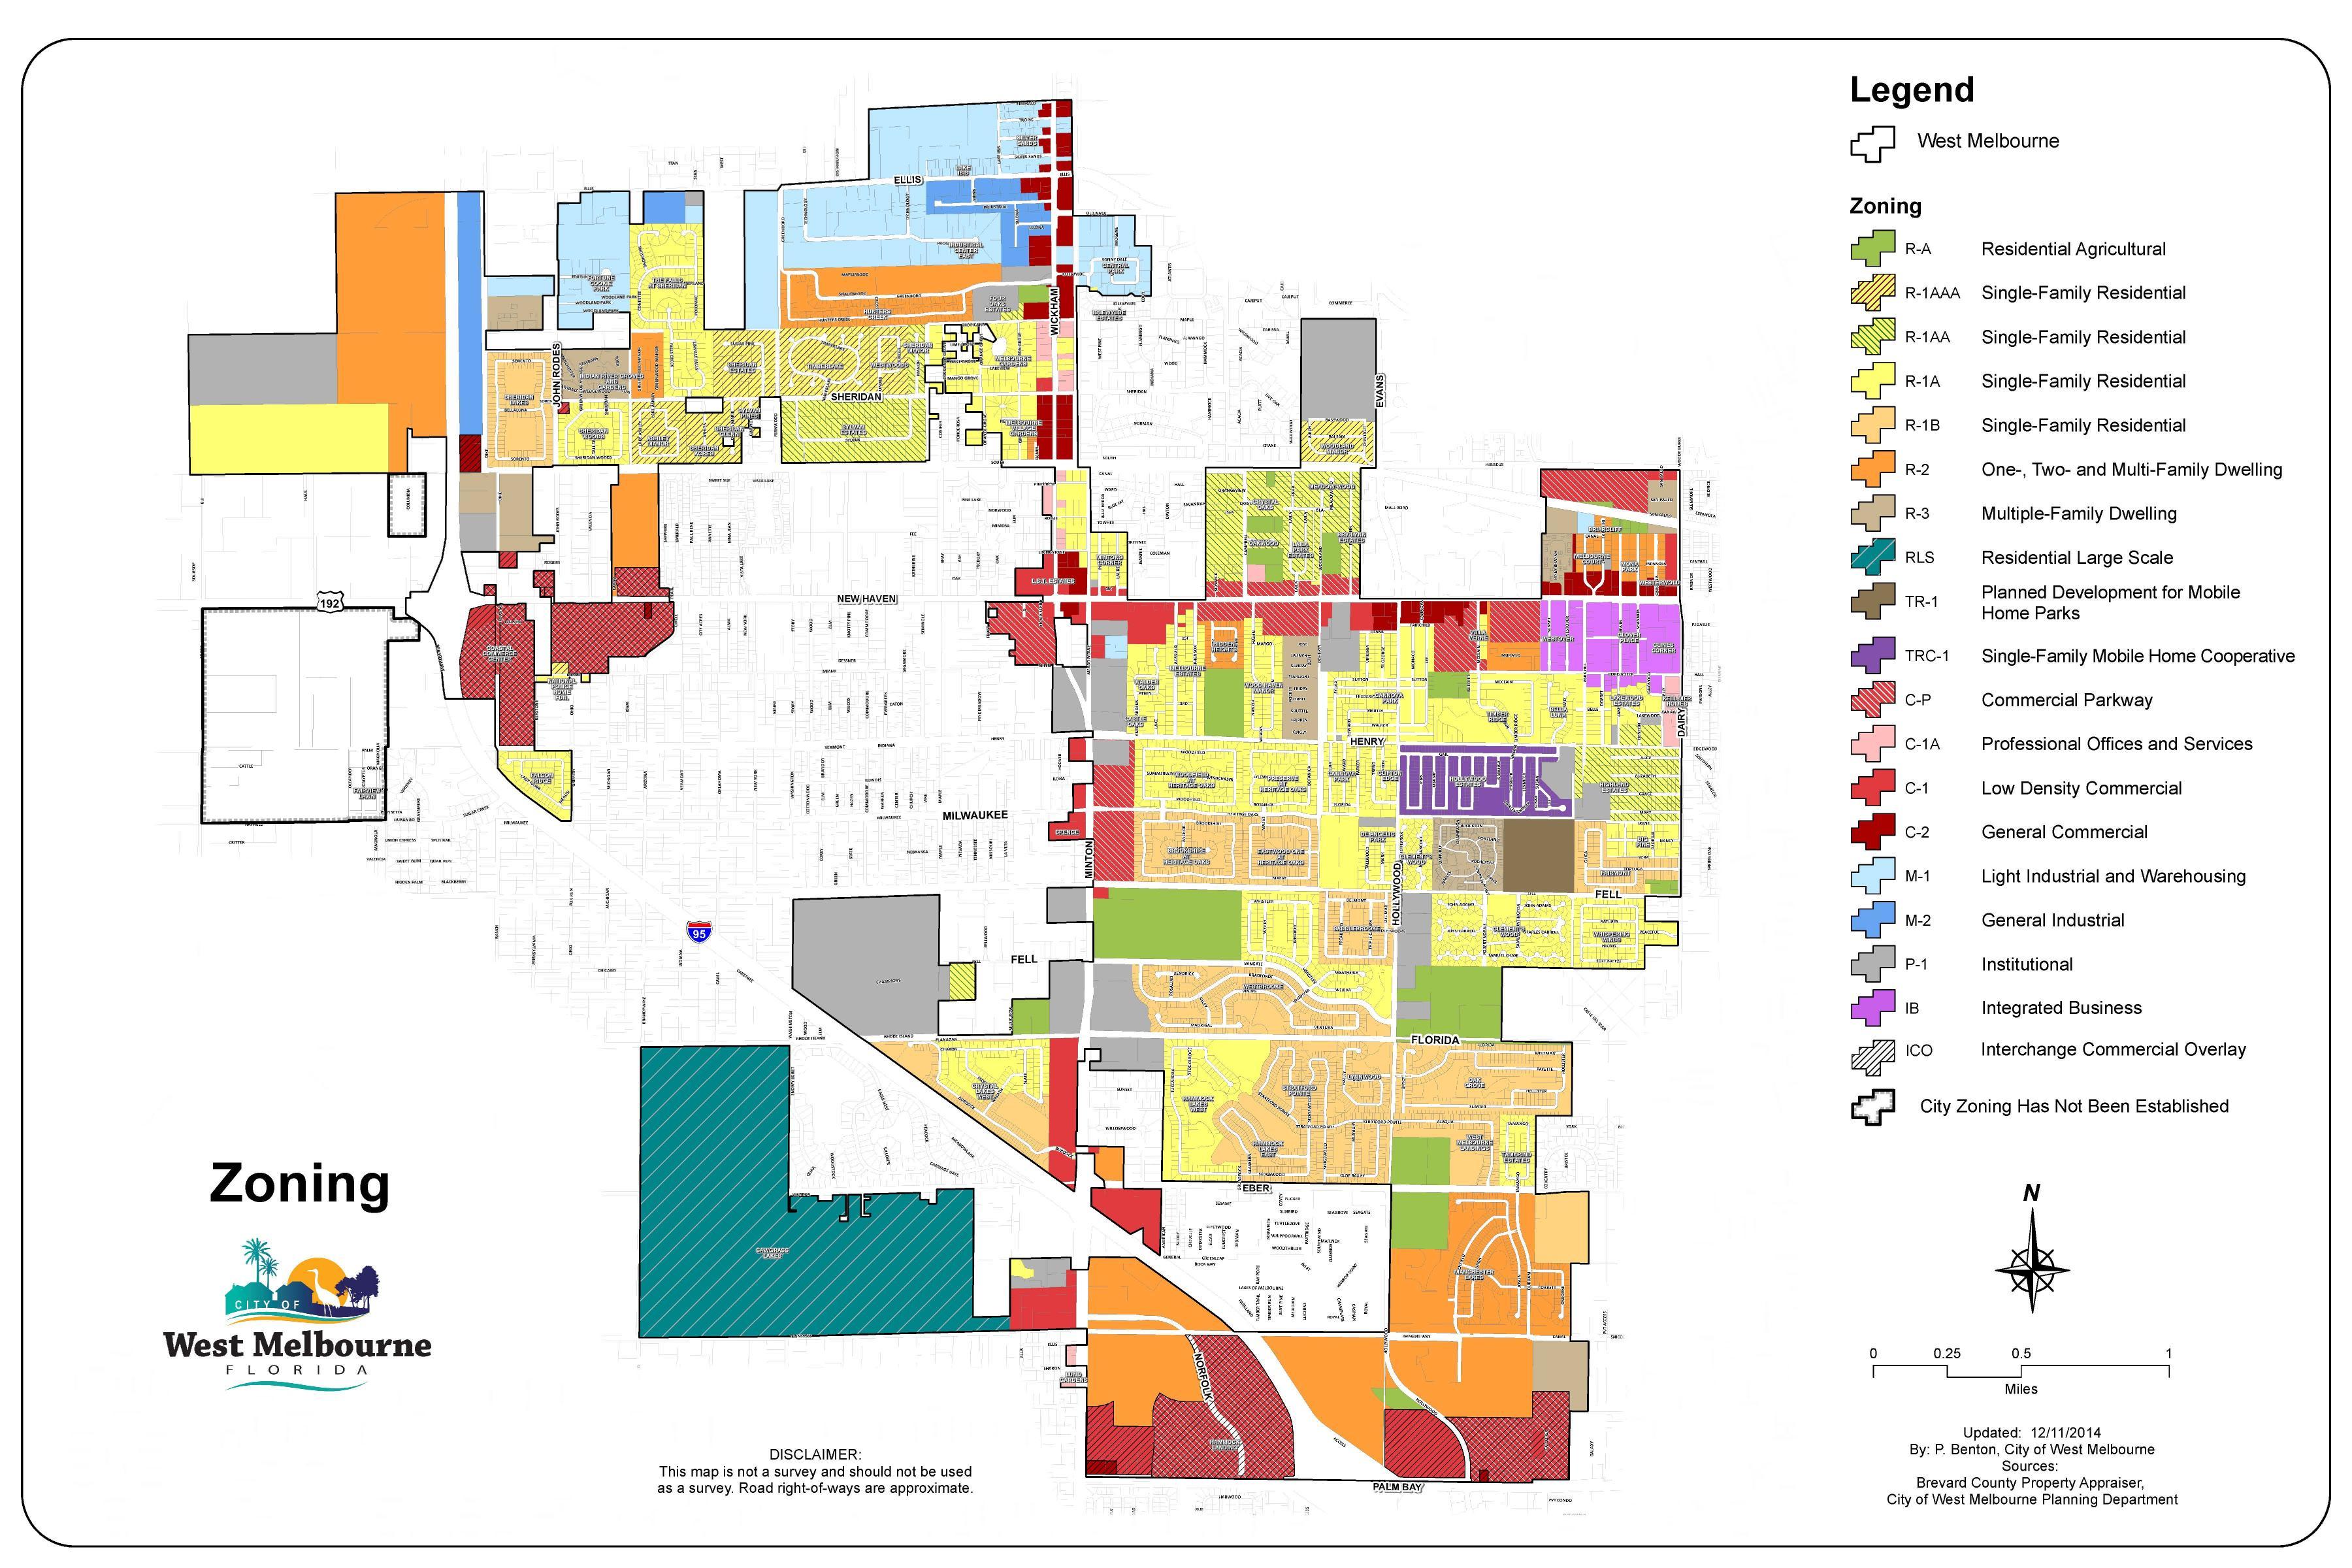 Melbourne Square Mall Map Melbourne square mall map   Map of Melbourne square mall (Australia)